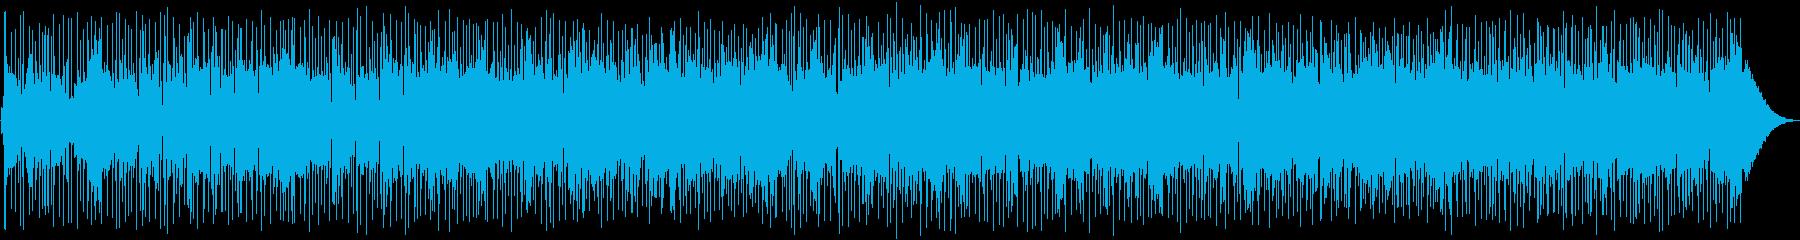 冷静になる。静かで高騰する歌声シン...の再生済みの波形